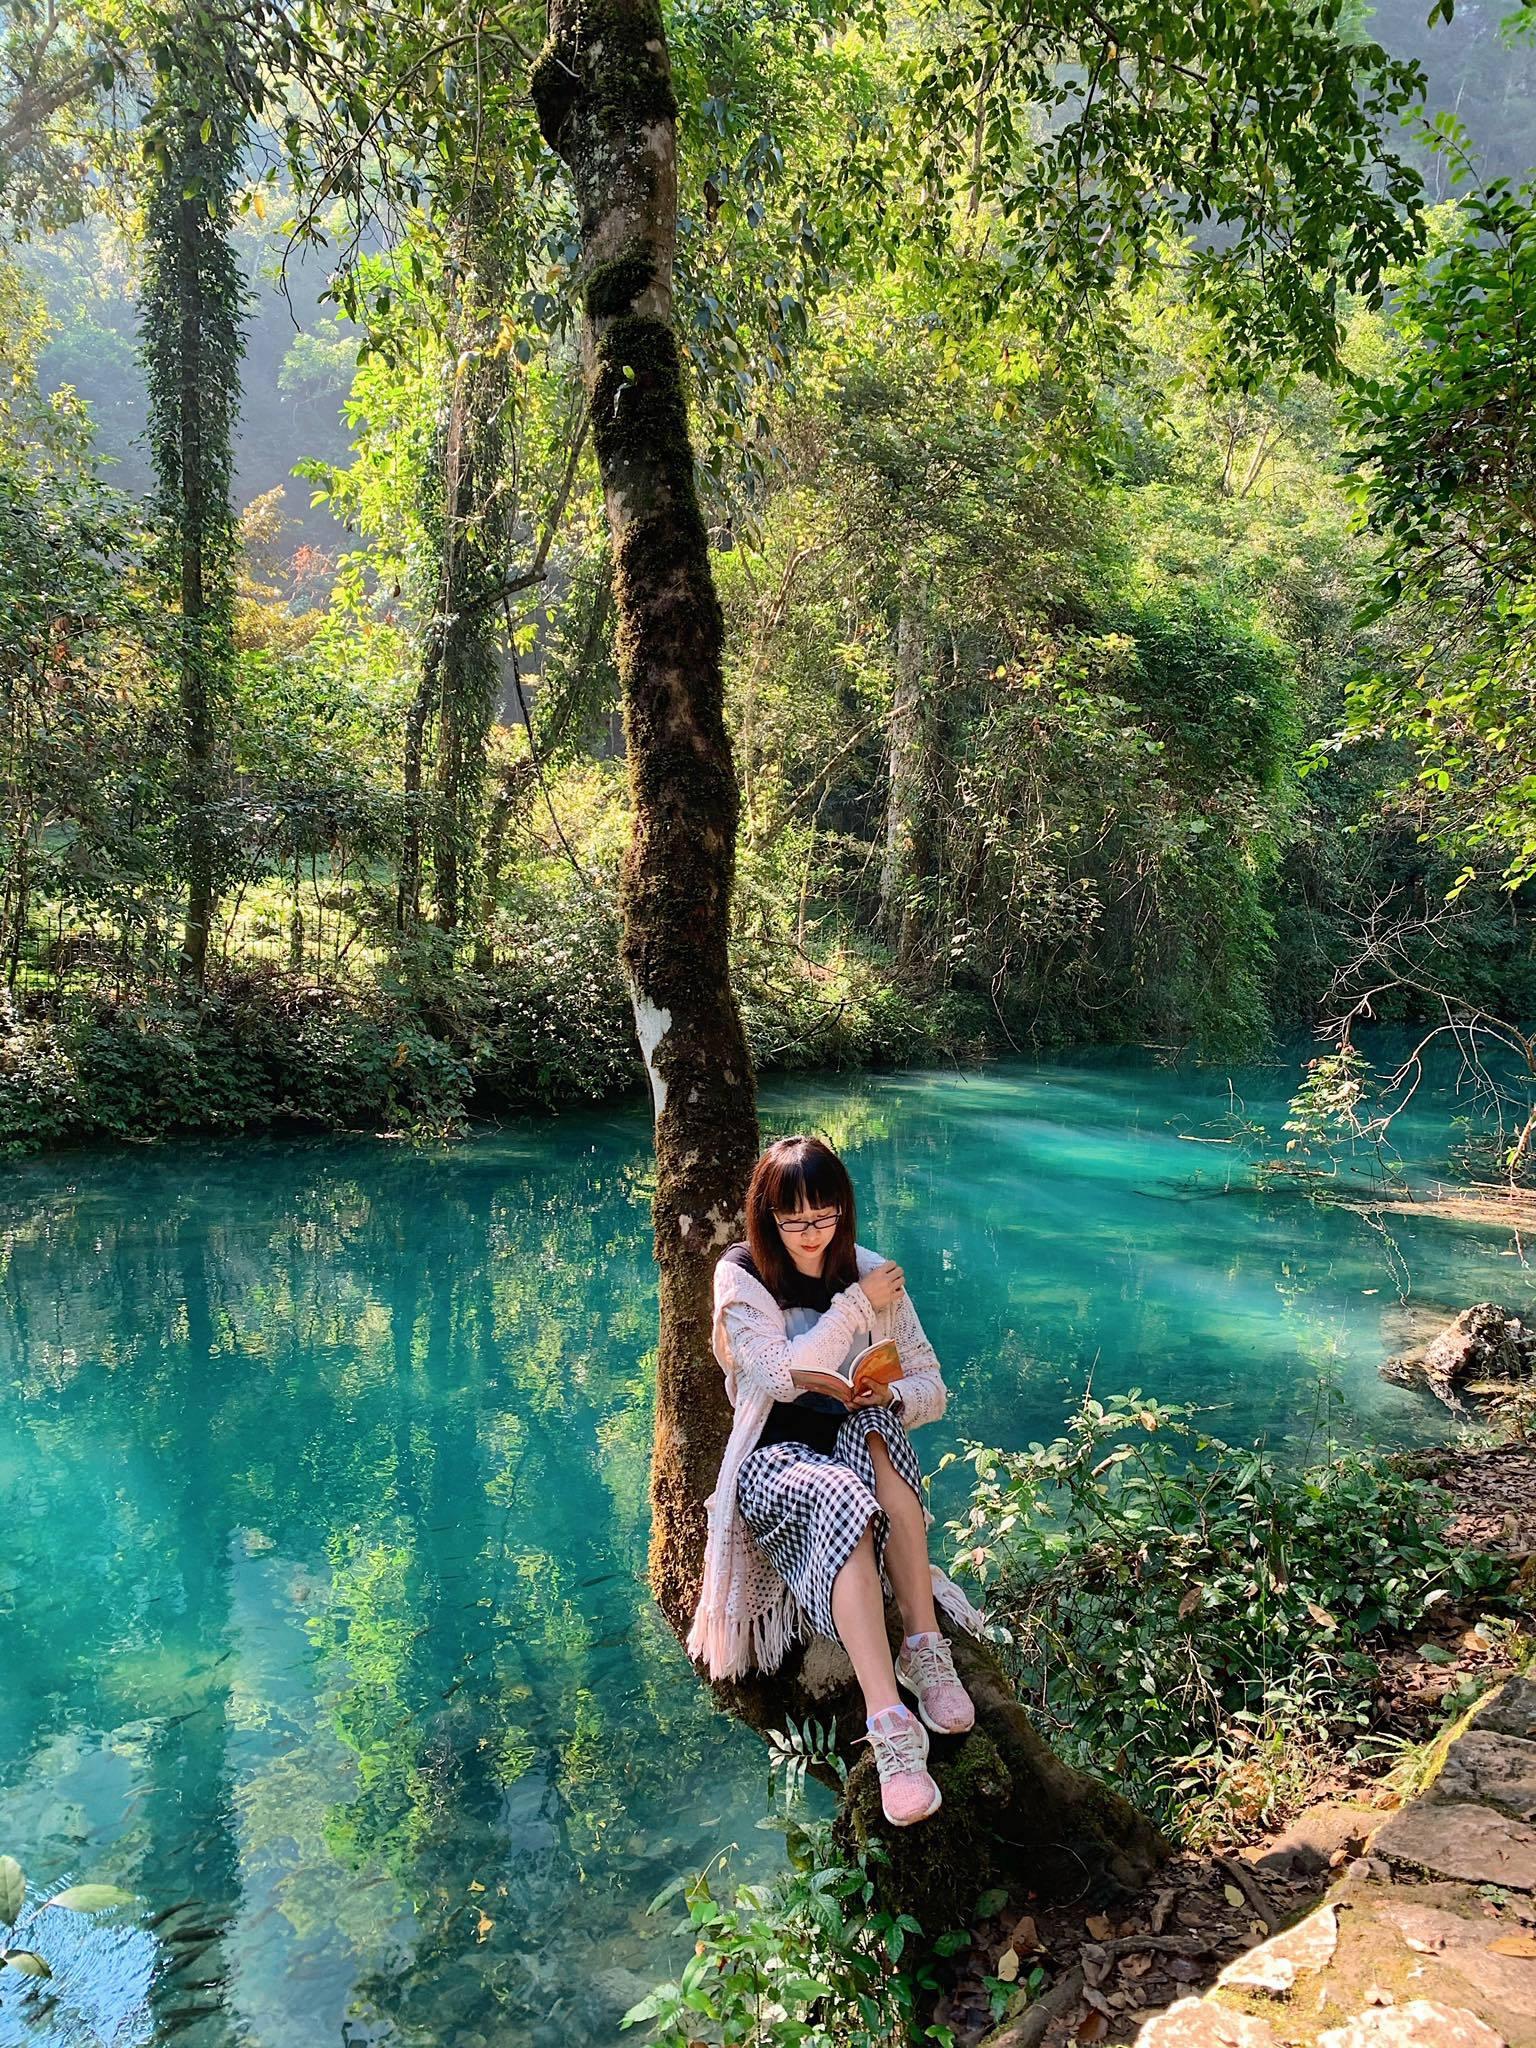 Non nước Cao Bằng đẹp như tranh vẽ qua loạt ảnh của cô gái thích xê dịch